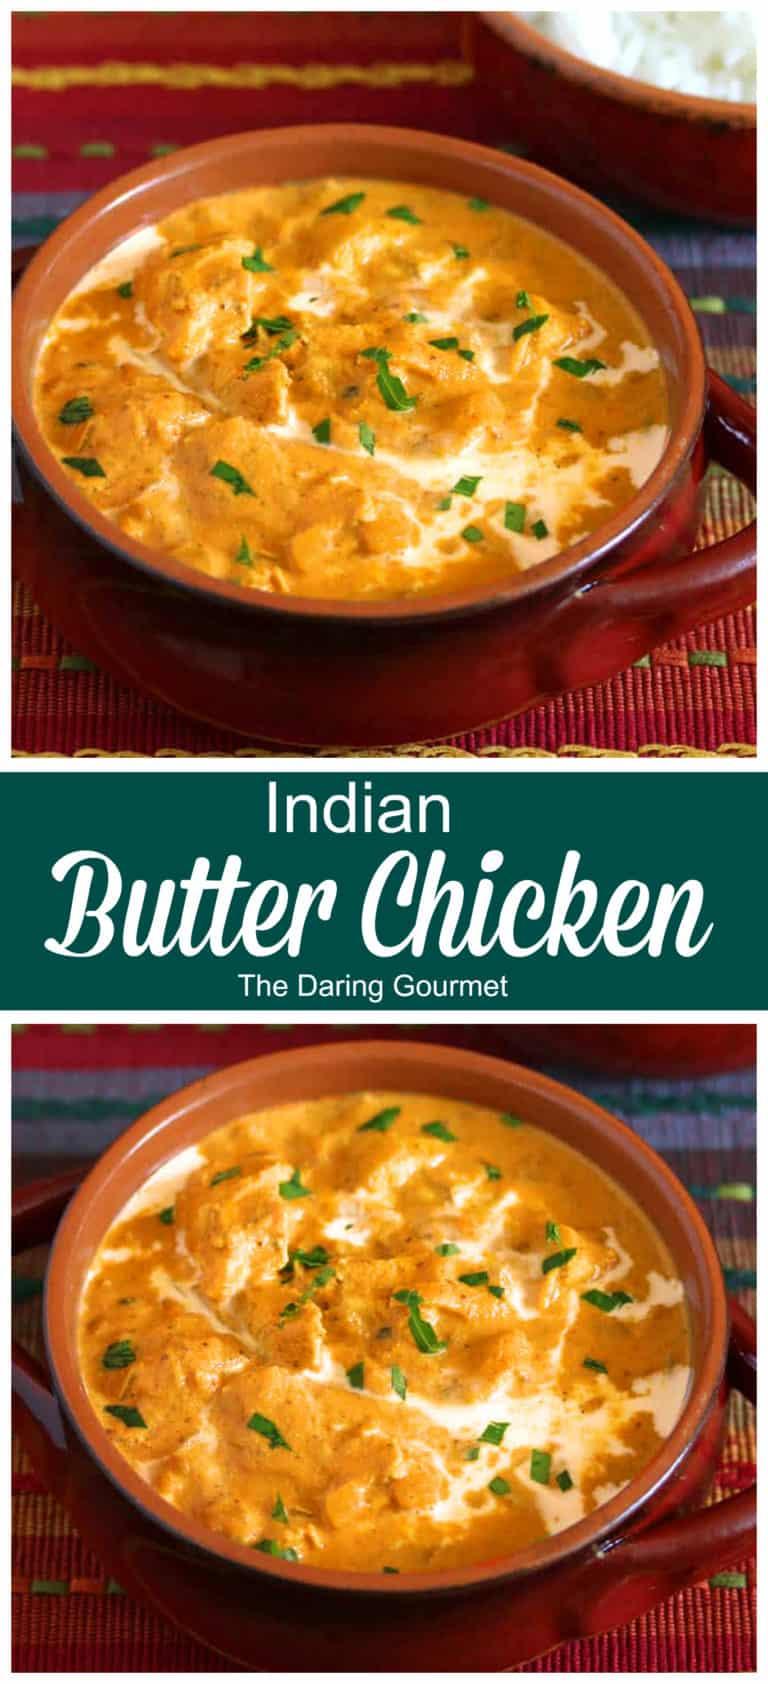 Butter Chicken Murgh Makhani The Daring Gourmet